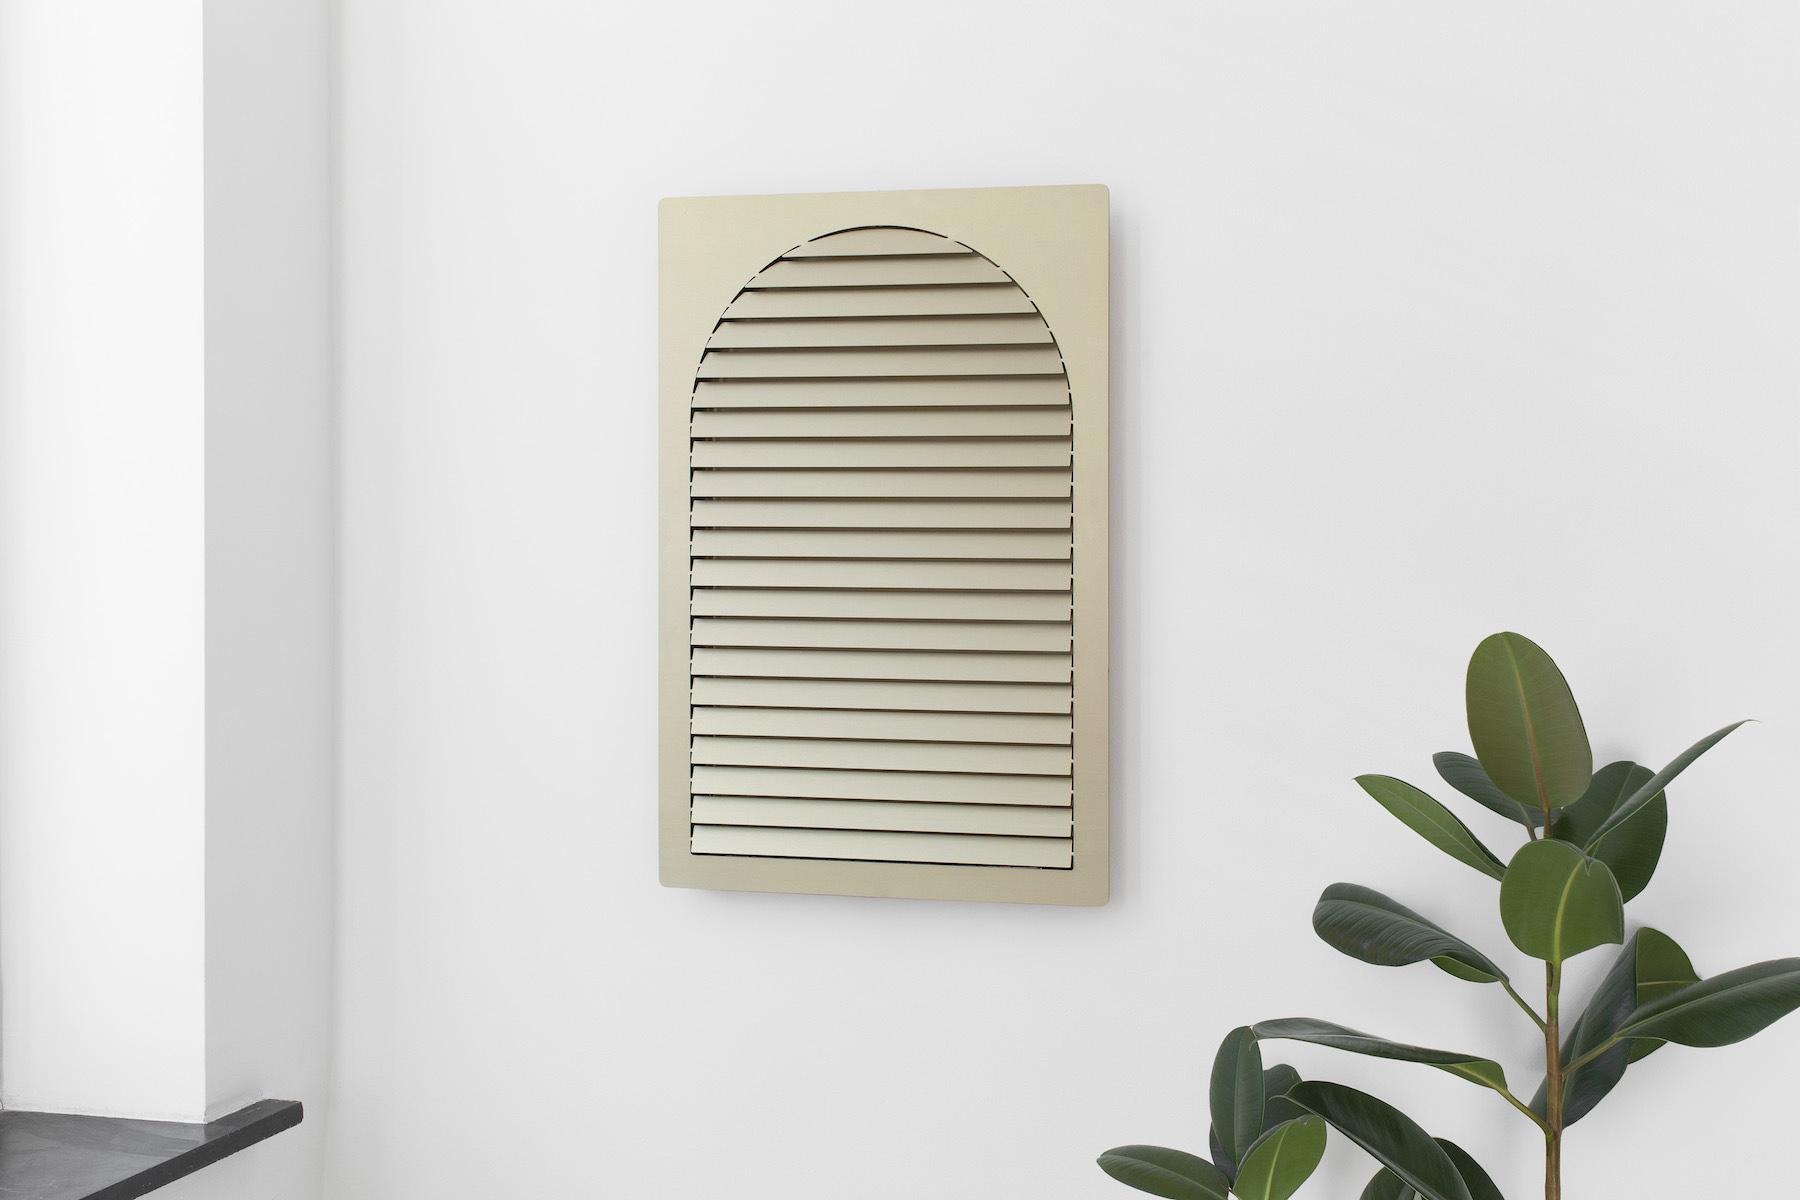 iGNANT-Design-PaulinePlusLuis-Venise-04